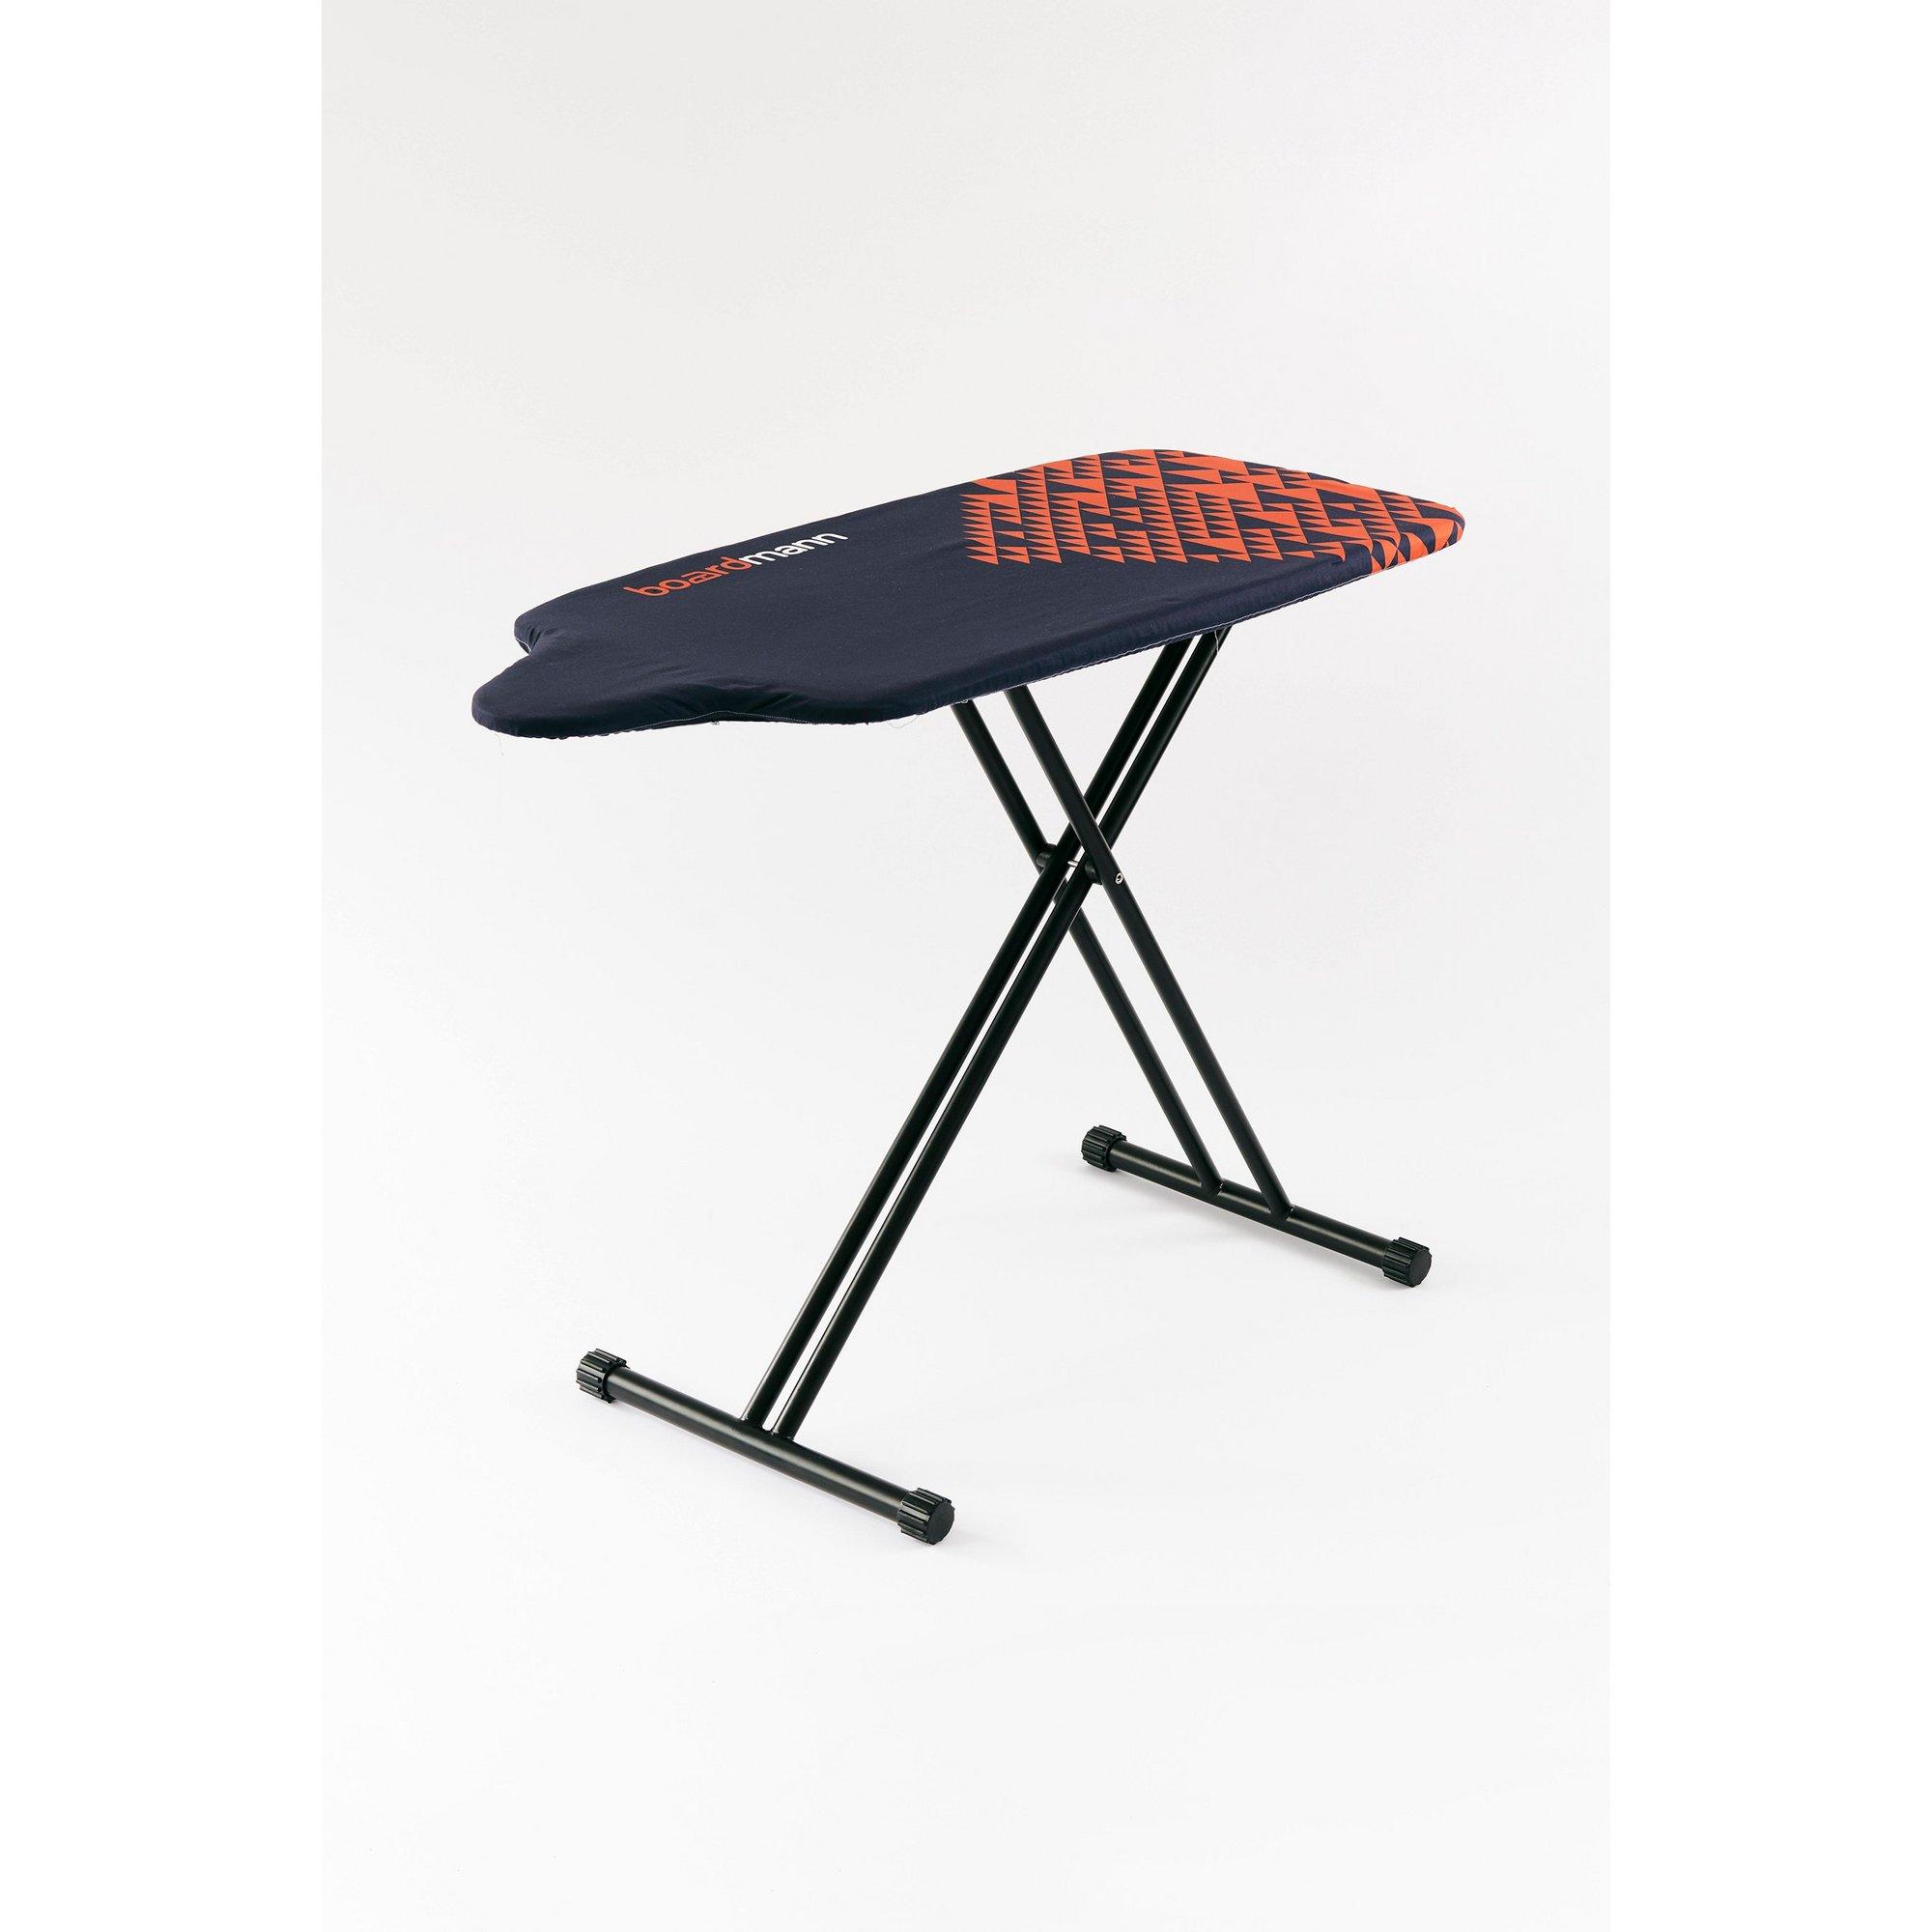 Image of Boardmann Ironing Board